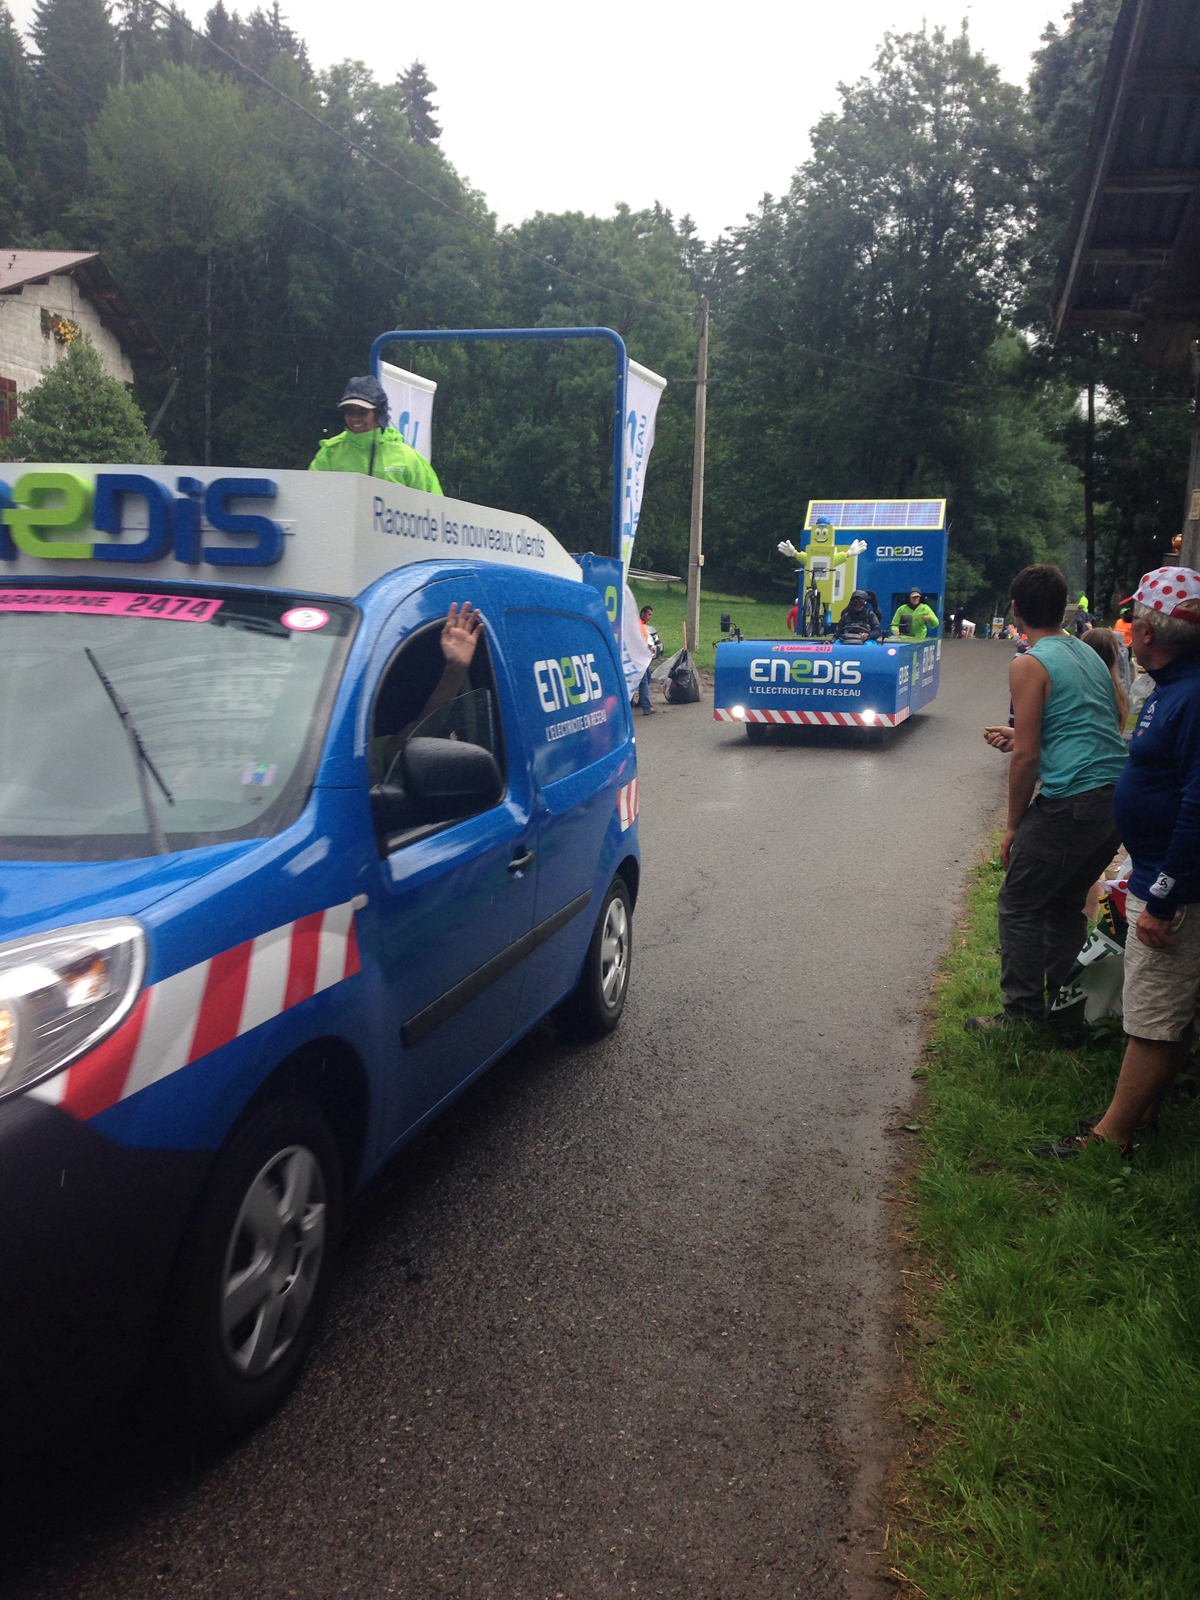 Sponsors in the caravan at the 2016 Tour de France. Photo by Enrique Arce-Larreta